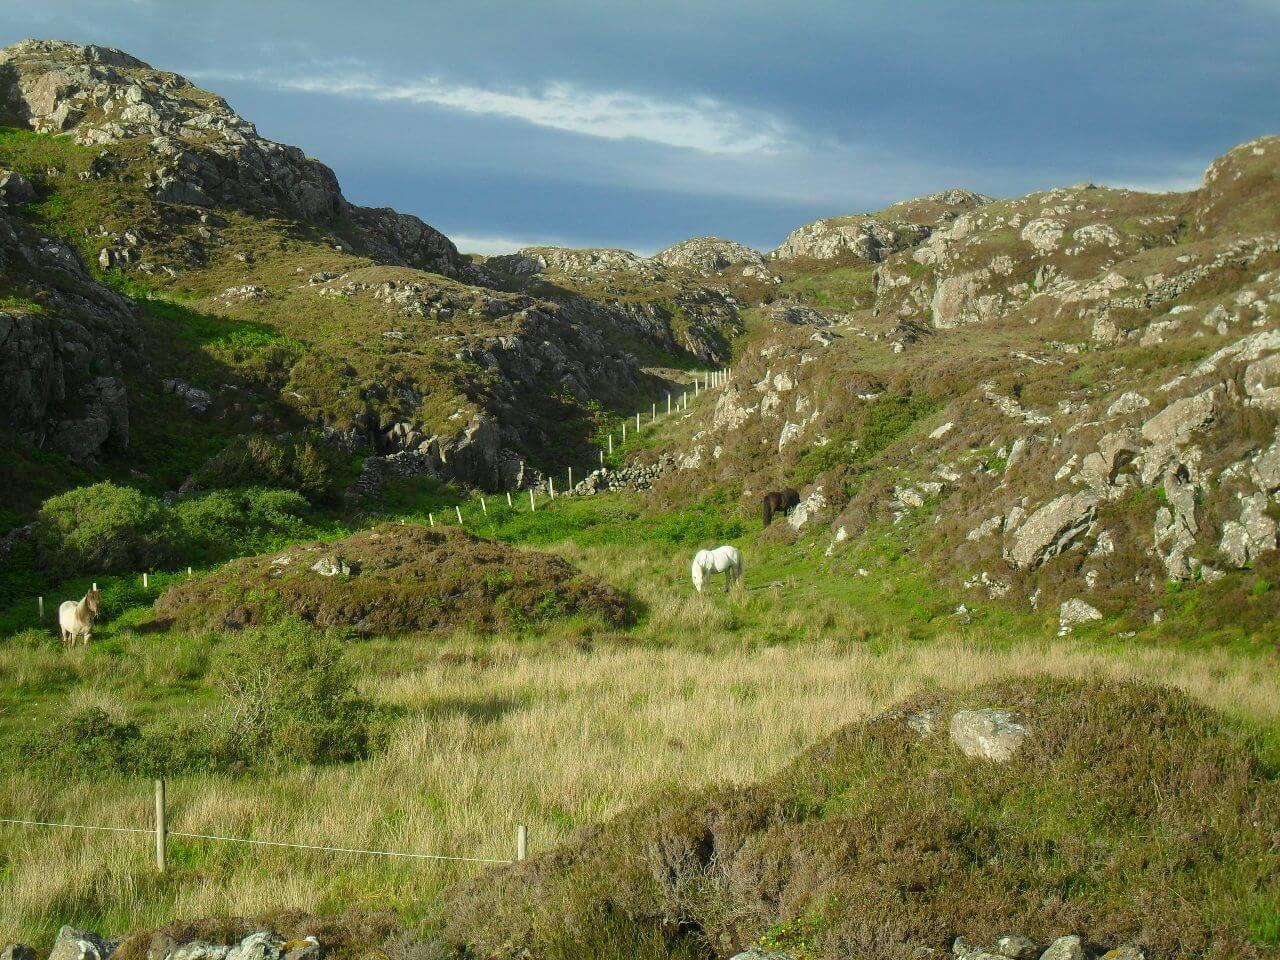 Kurz vor dem Ende der heutigen Etappe gibt es dann noch mal 2km Singletrail quer durch die Hügel und zur Abwechslung mal Pferde statt Schafe